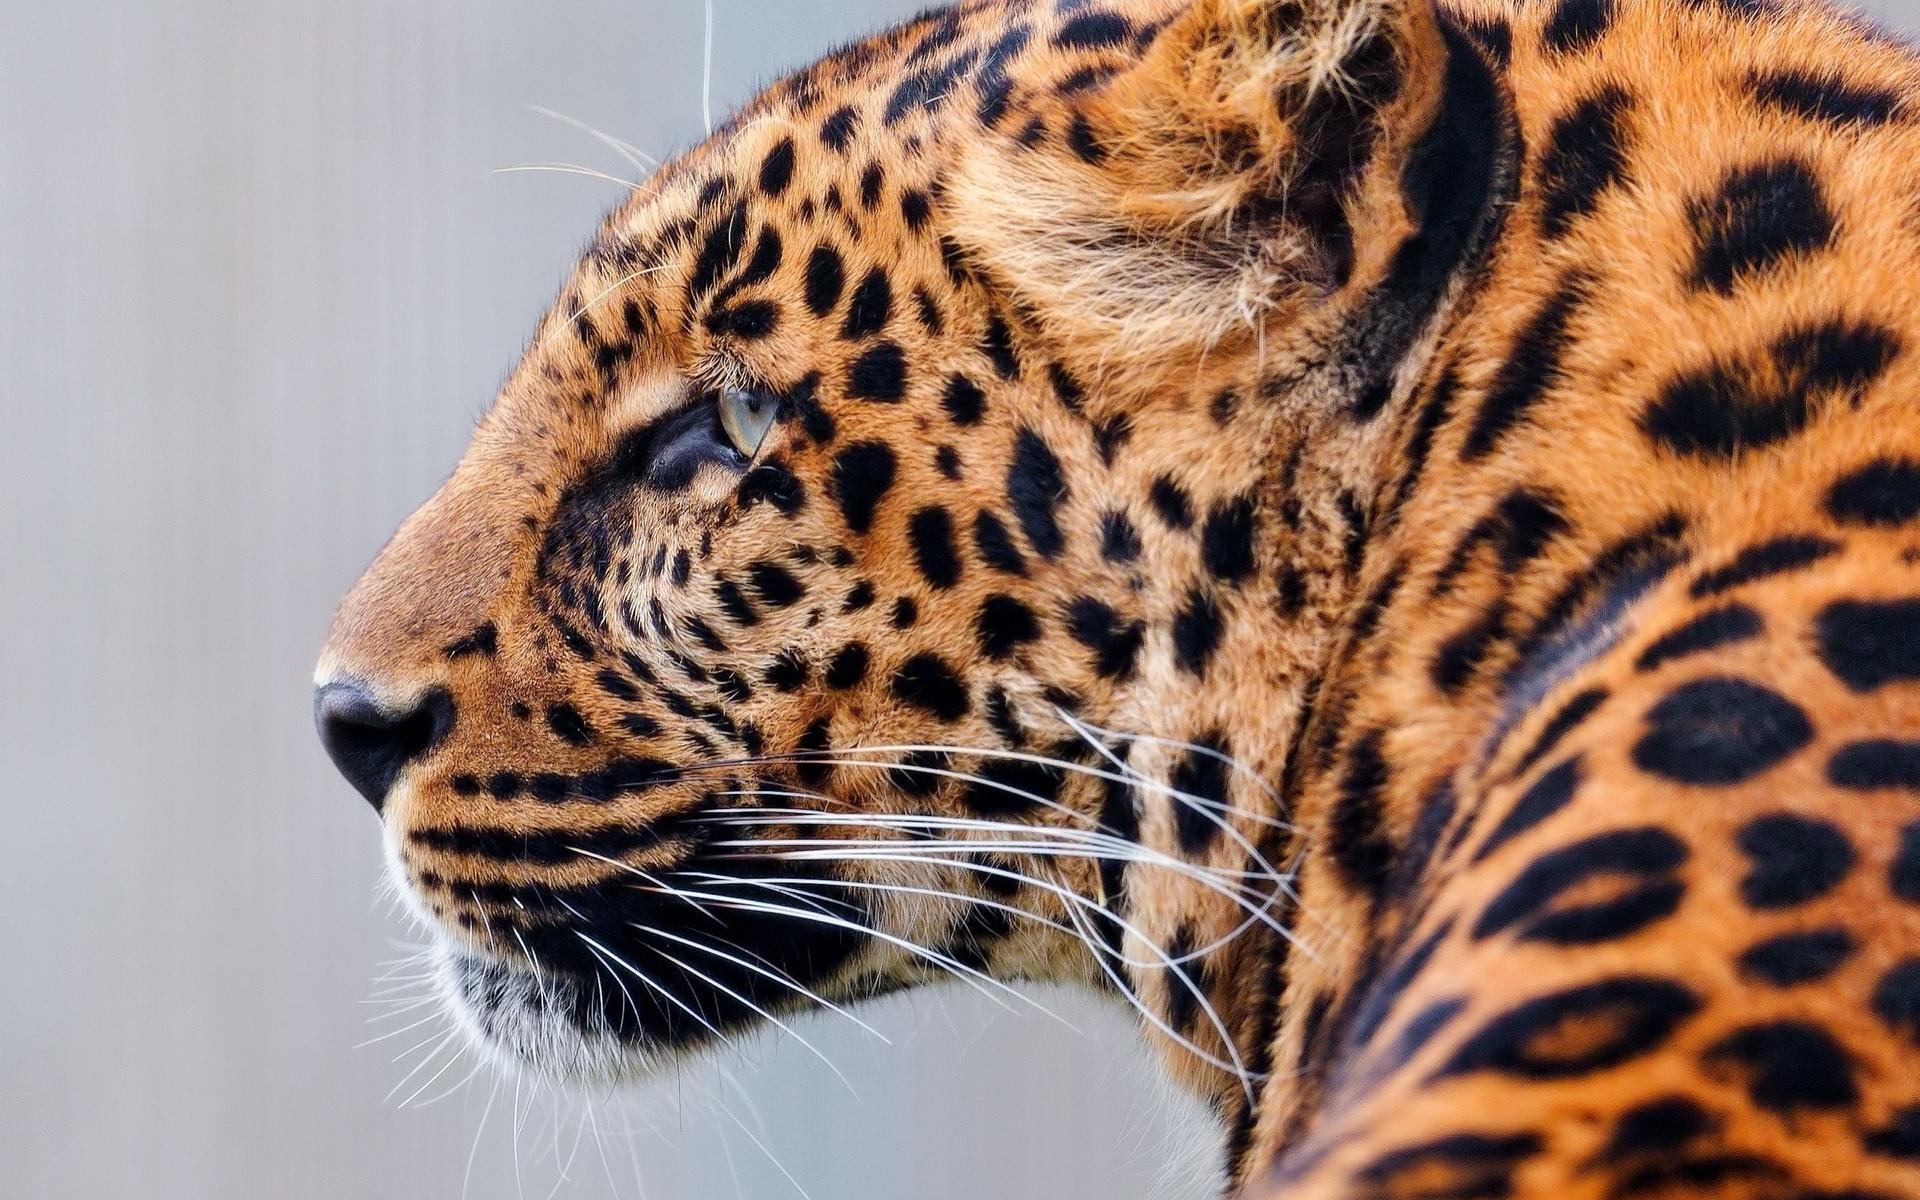 леопард, хищник, взгляд, раскраска